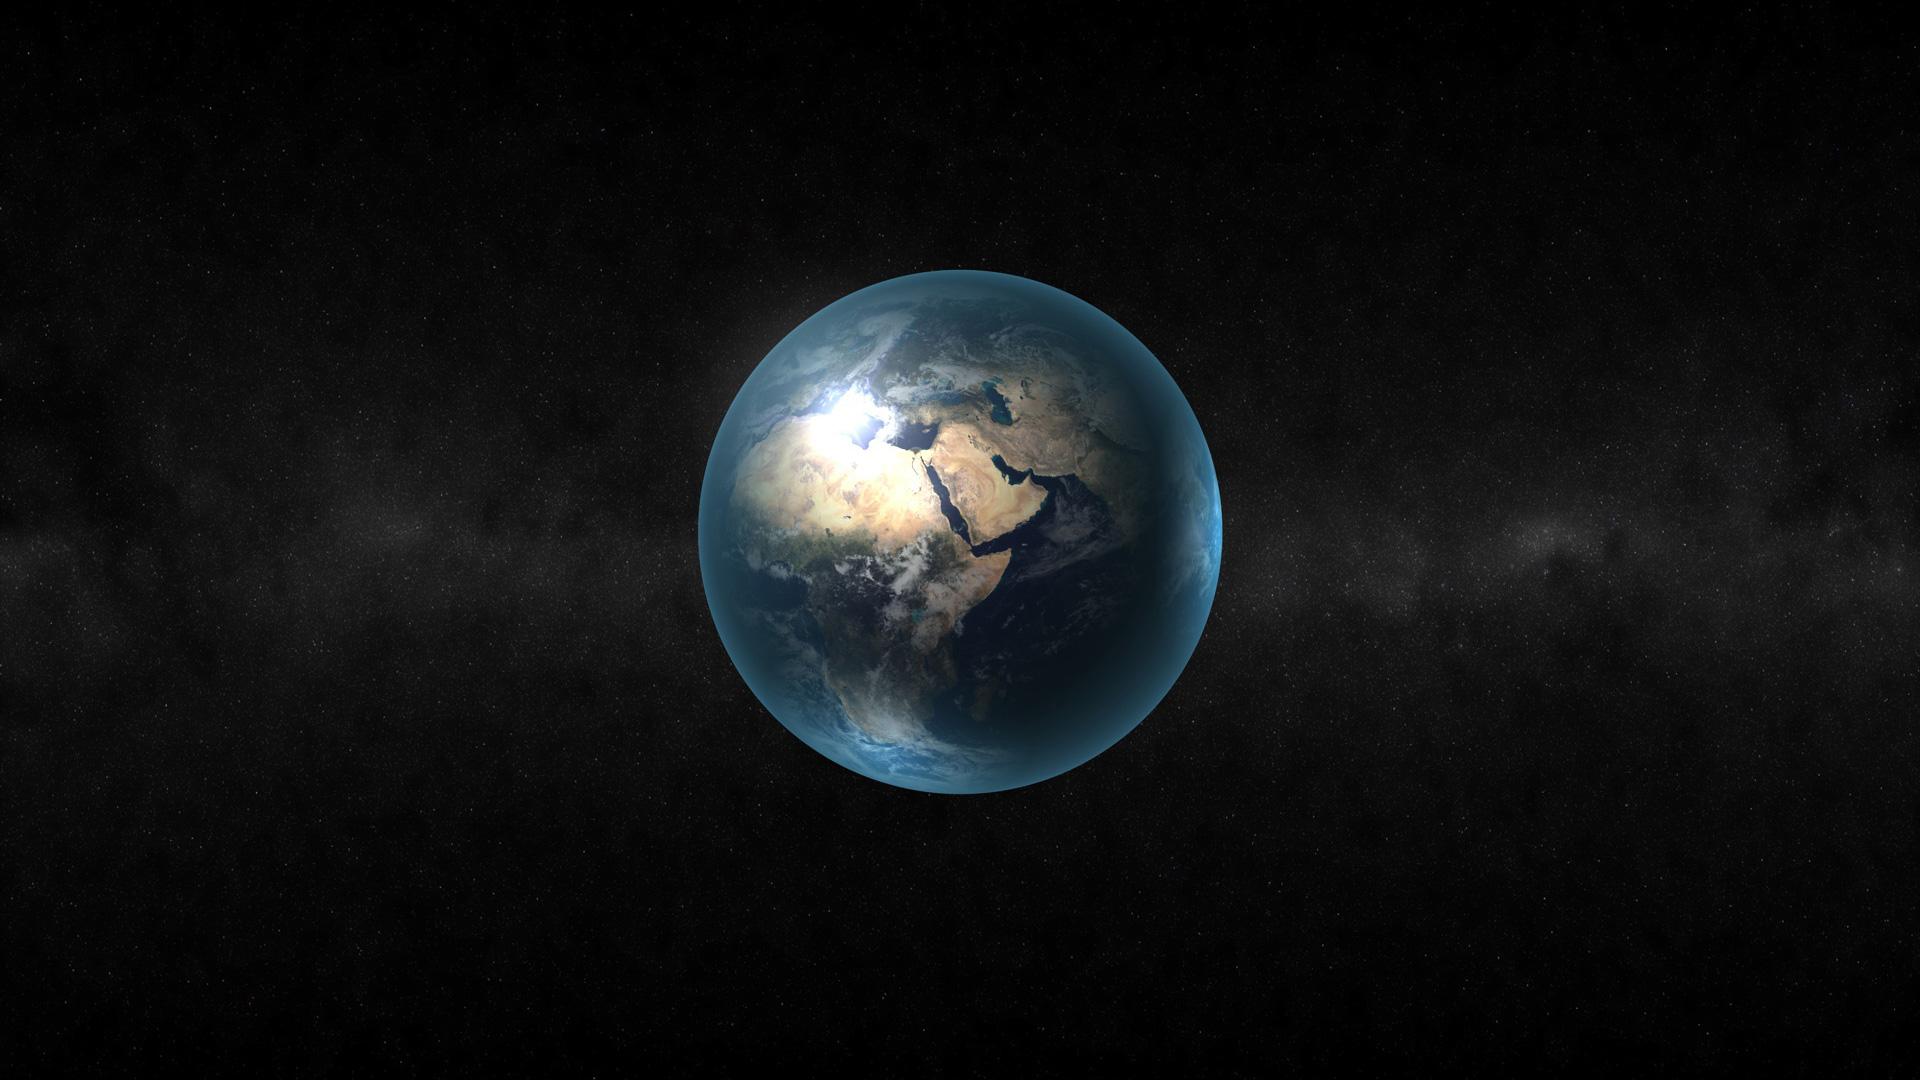 HD Planet Earth HD Wallpaper HD Planet Earth Wallpapers for Desktop 1920x1080